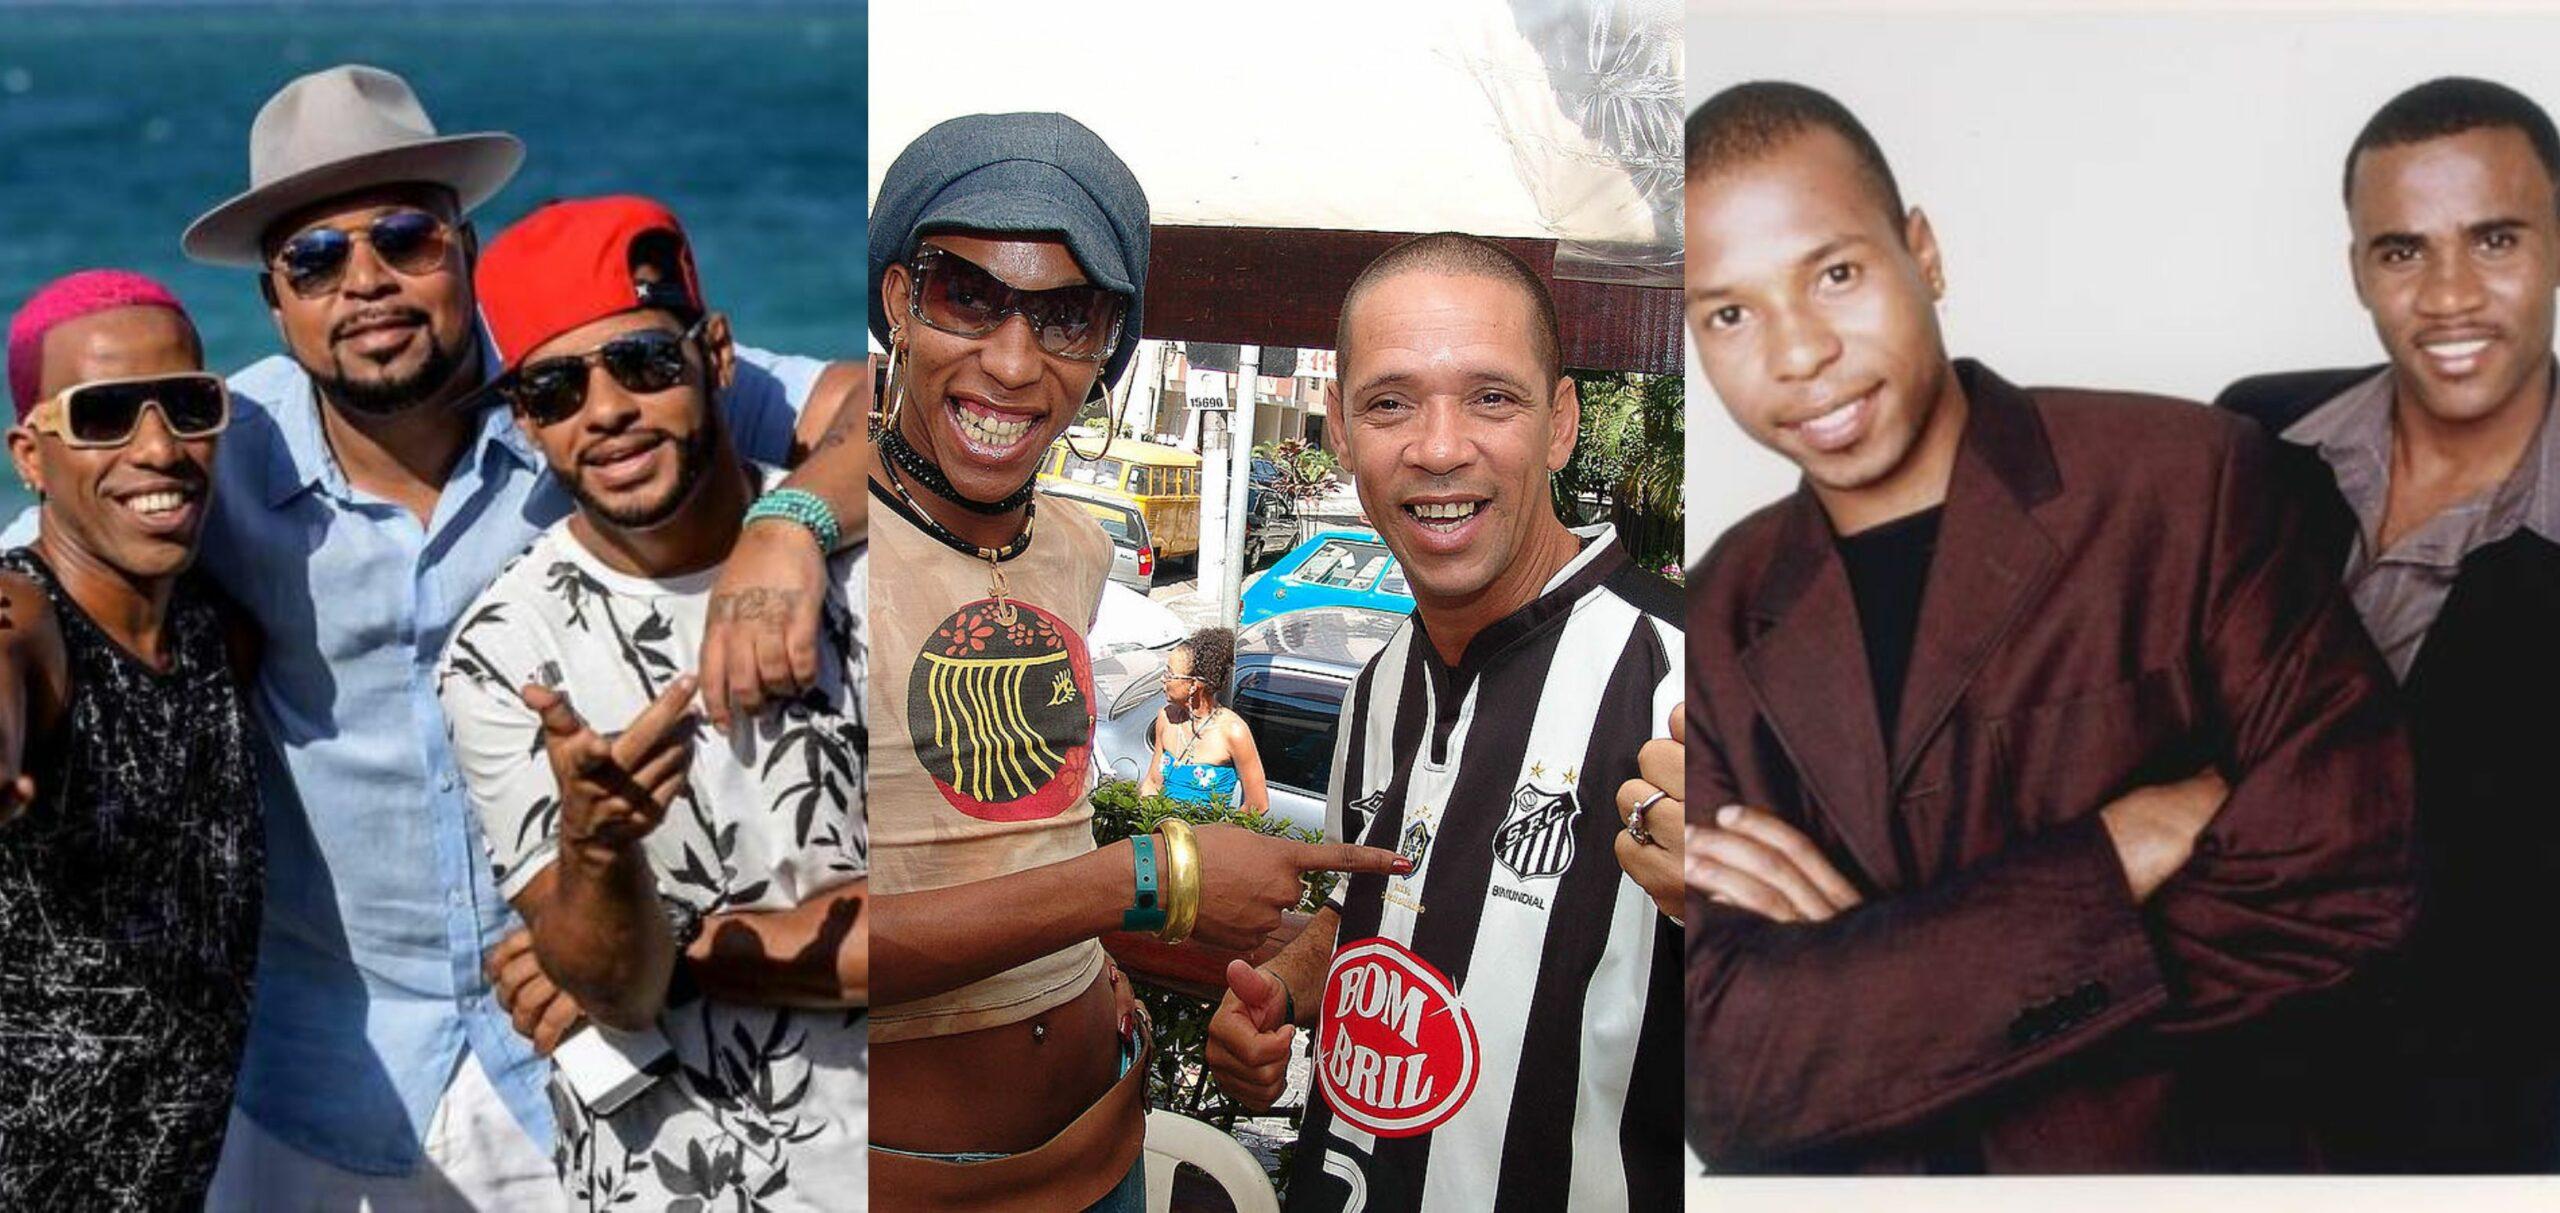 TBT do Funk: relembre 20 clássicos das antigas que marcaram os anos 90 e 2000